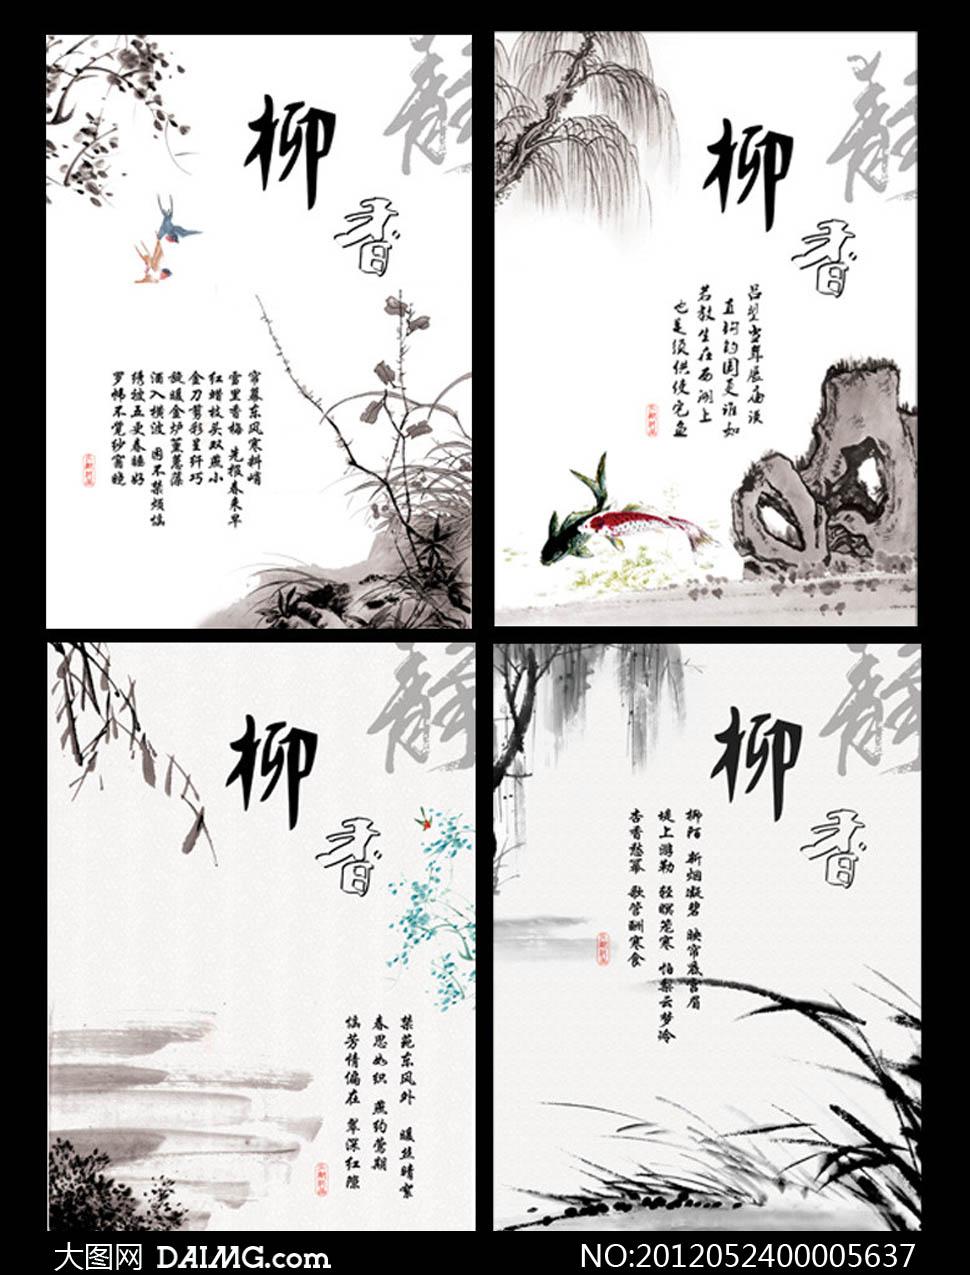 关键词: 中国风水墨画水墨山中国画杂草柳树树枝静字柳香蜻蜓笔记本本